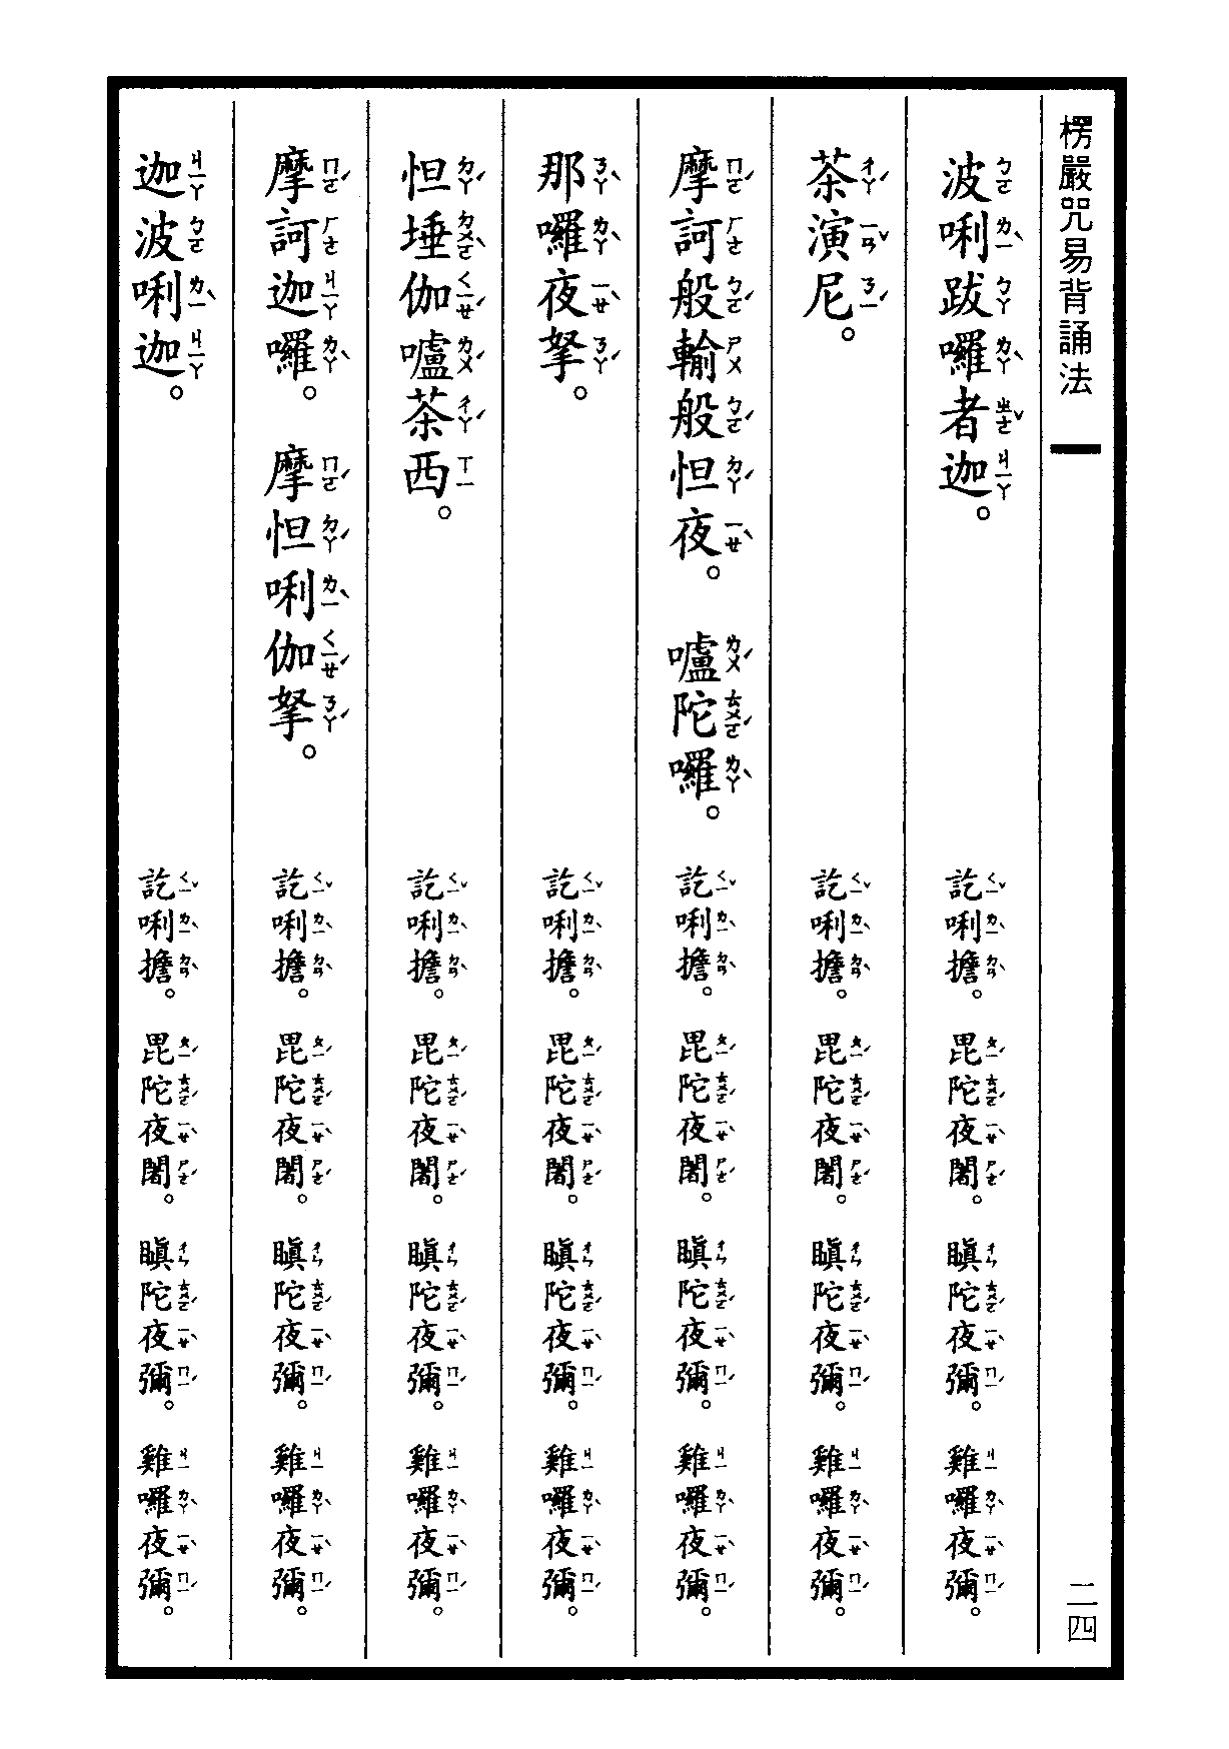 楞嚴咒-大悲咒-十小咒-易背本 30.png